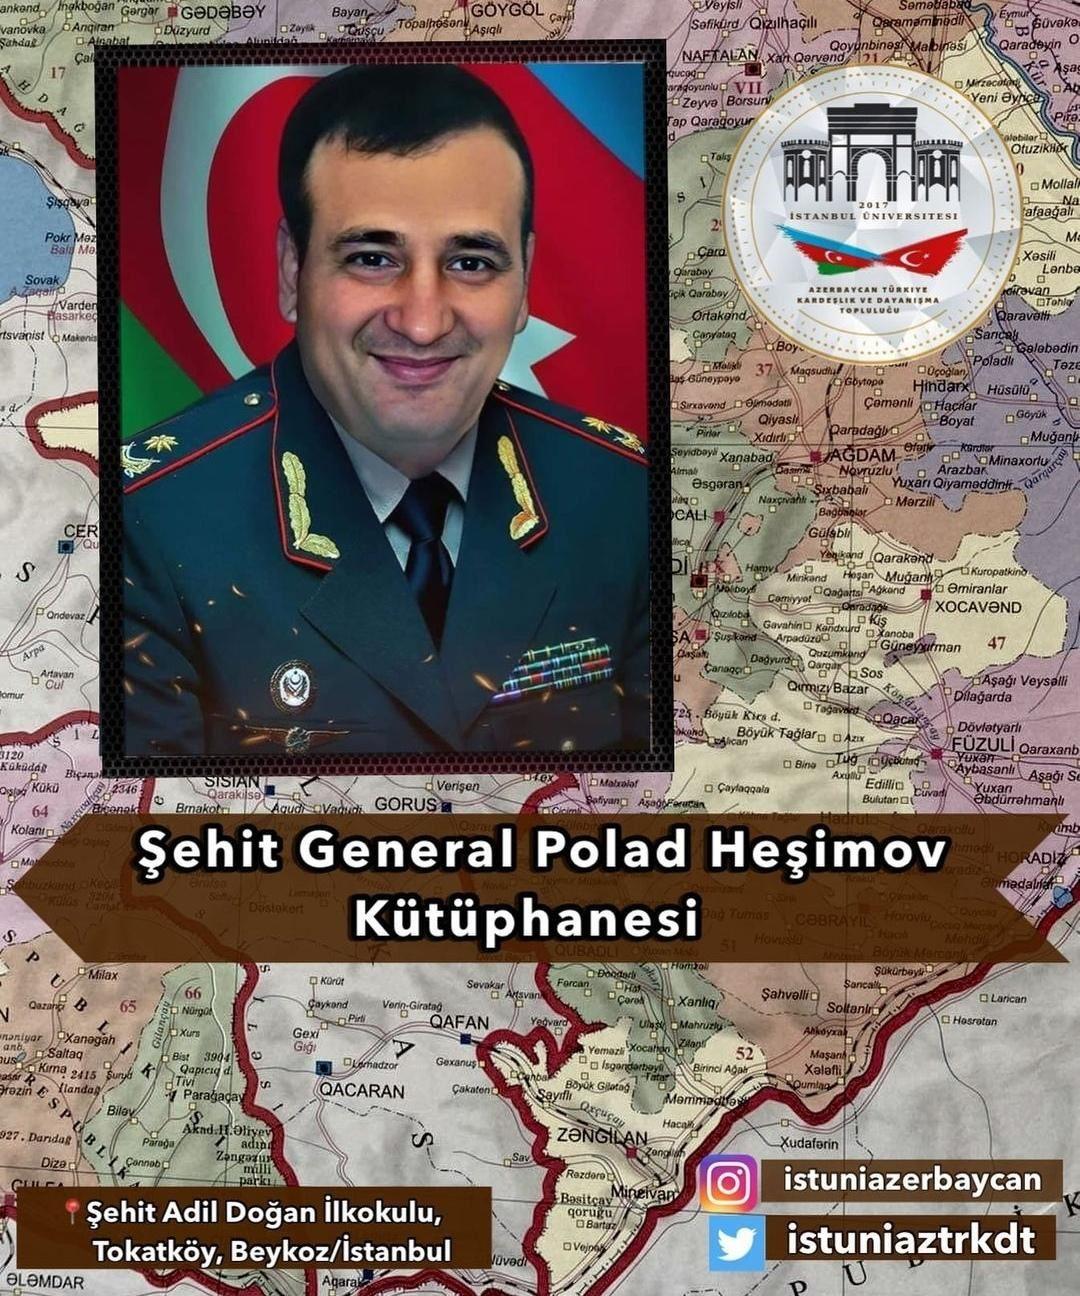 Polad Həşimovun adı İstanbulda kitabxanaya veriləcək